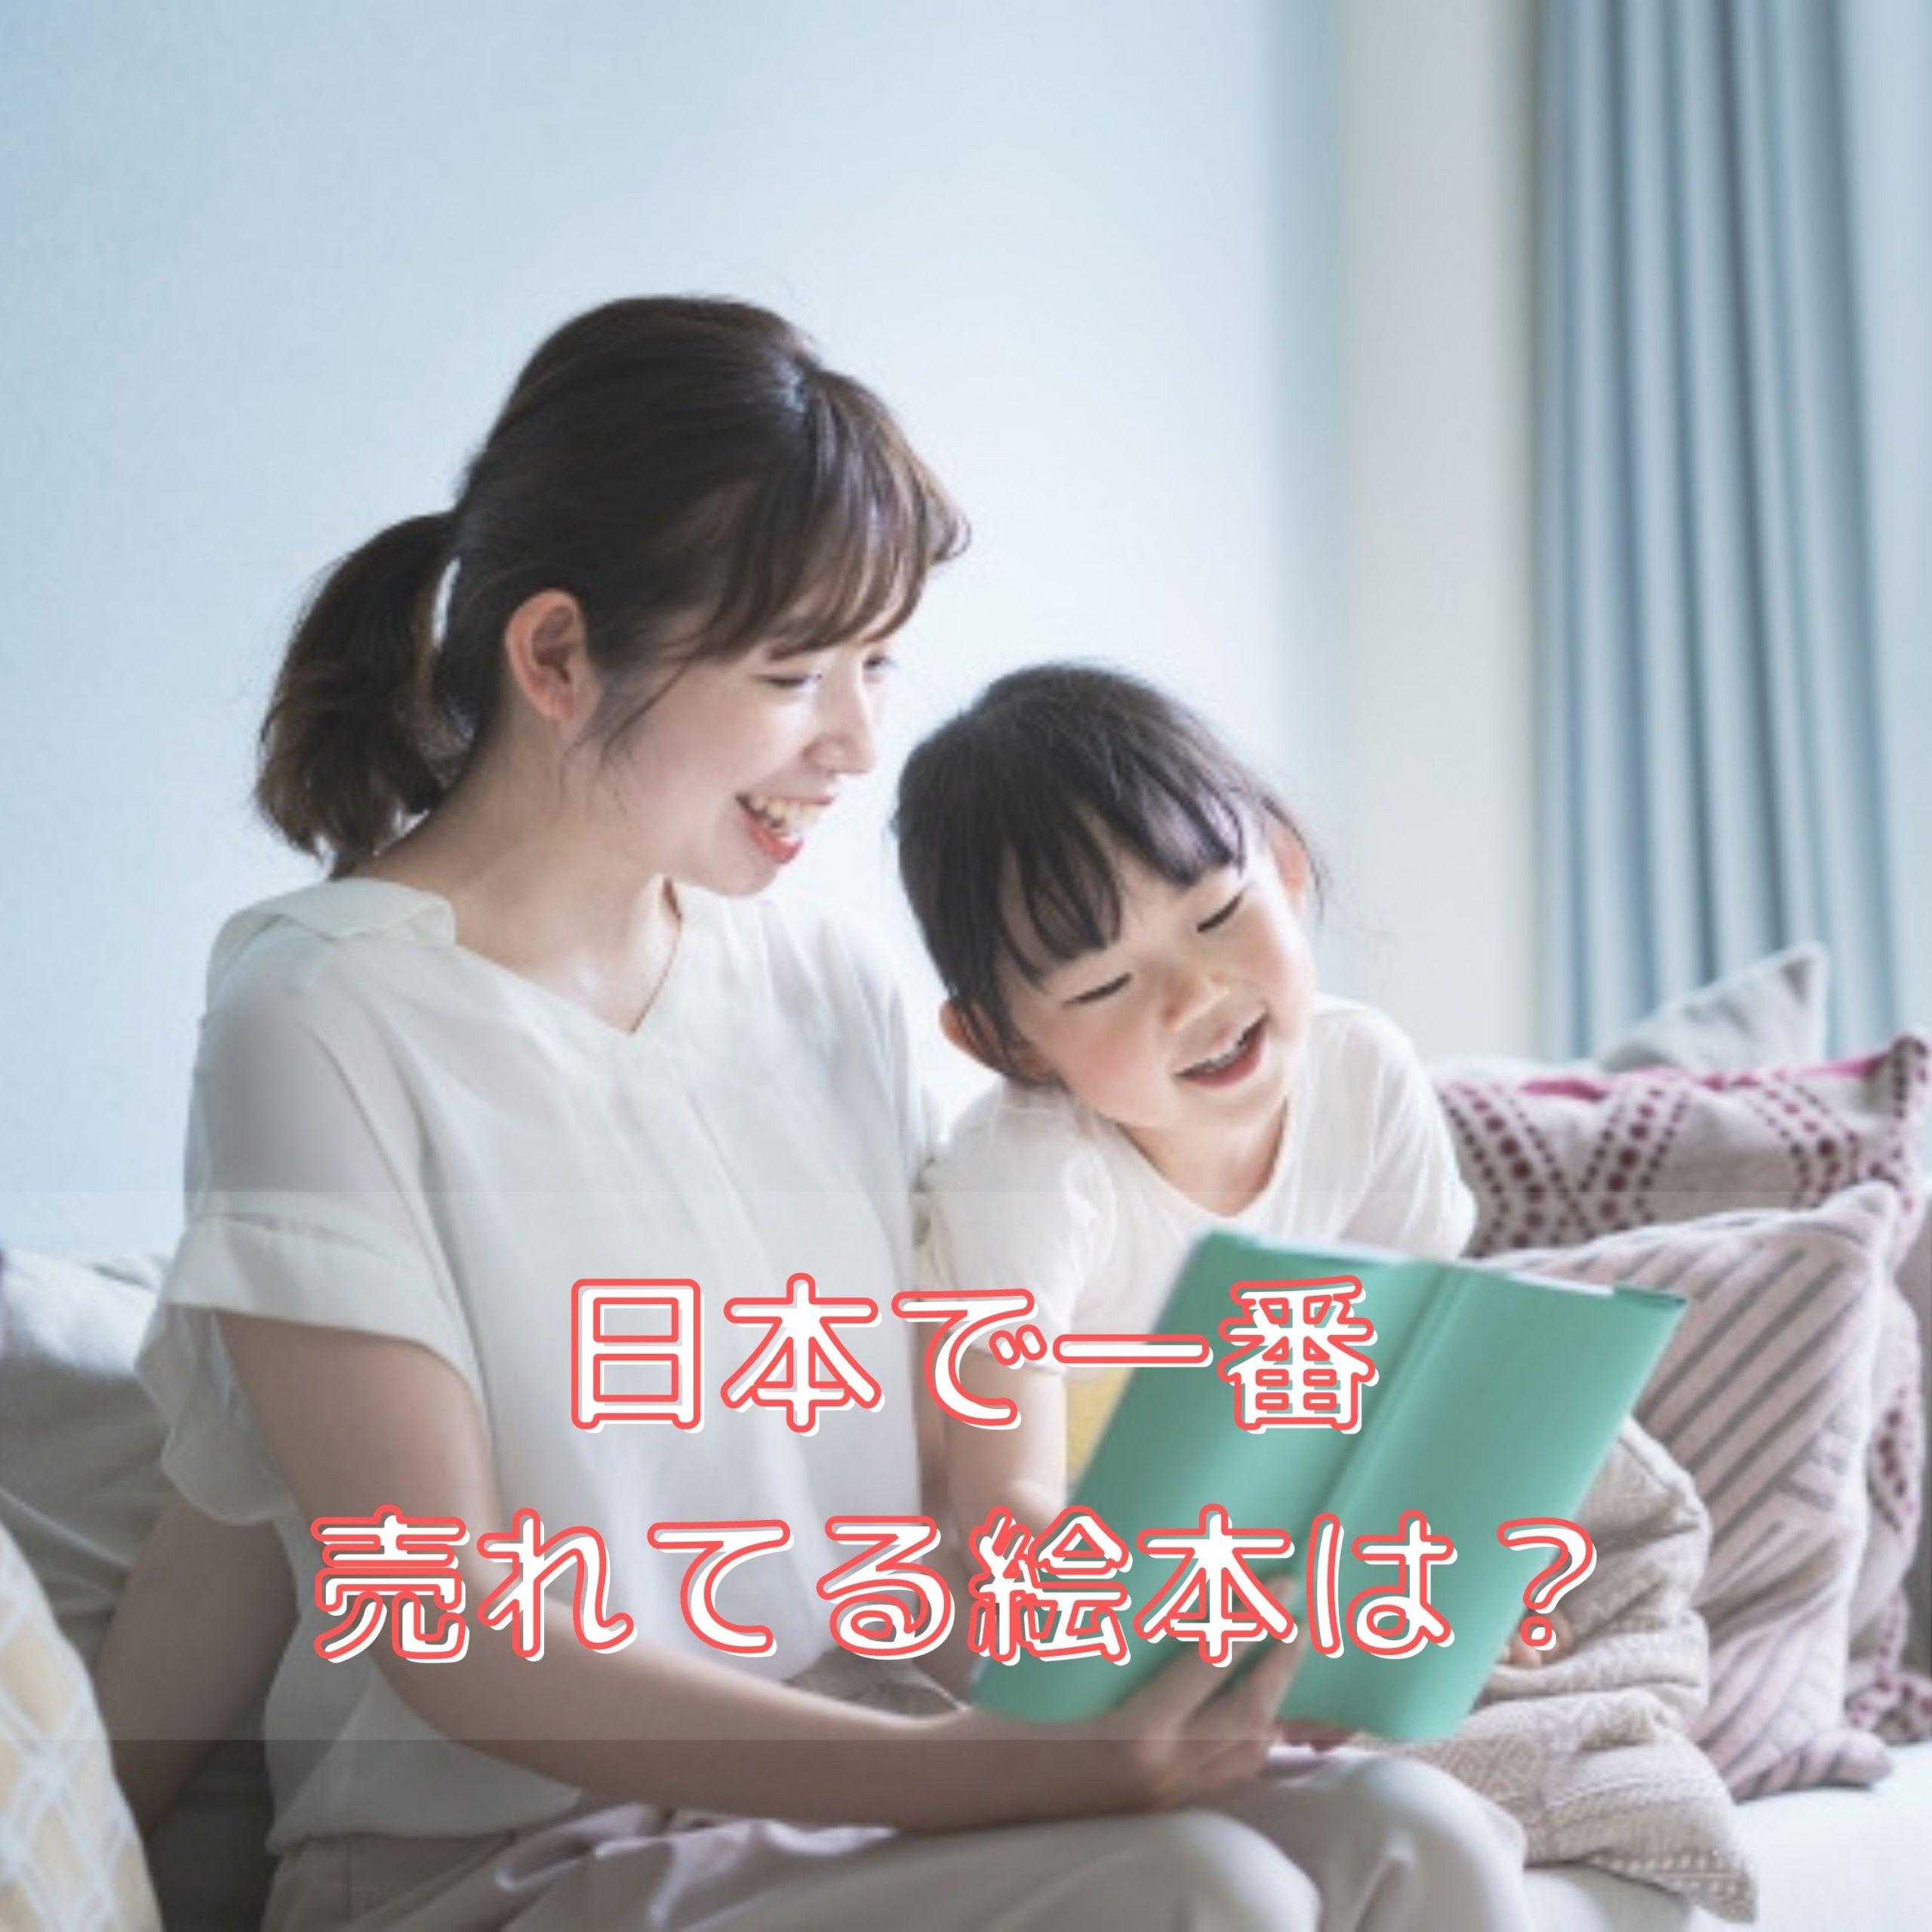 日本で今一番売れてる絵本は?